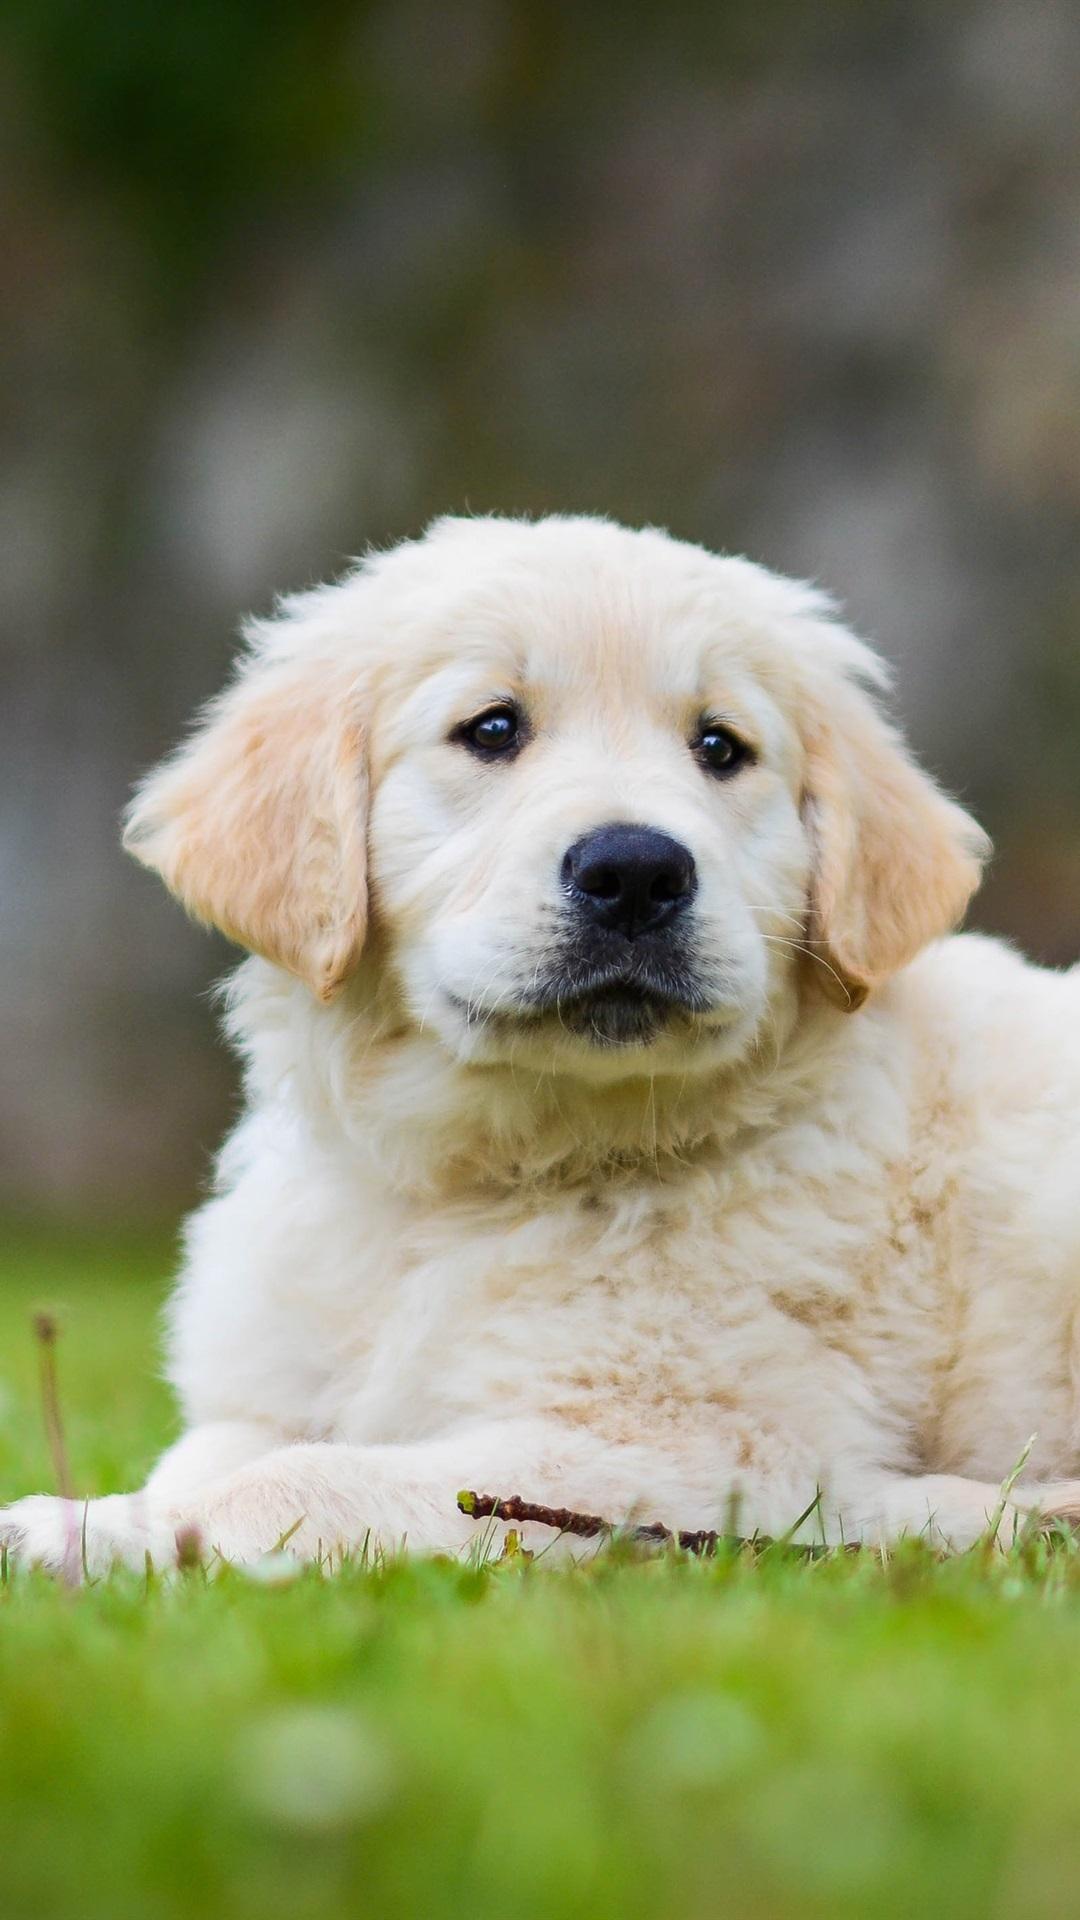 Golden Retriever Cute Puppy Grass 1080x1920 Iphone 8 7 6 6s Plus